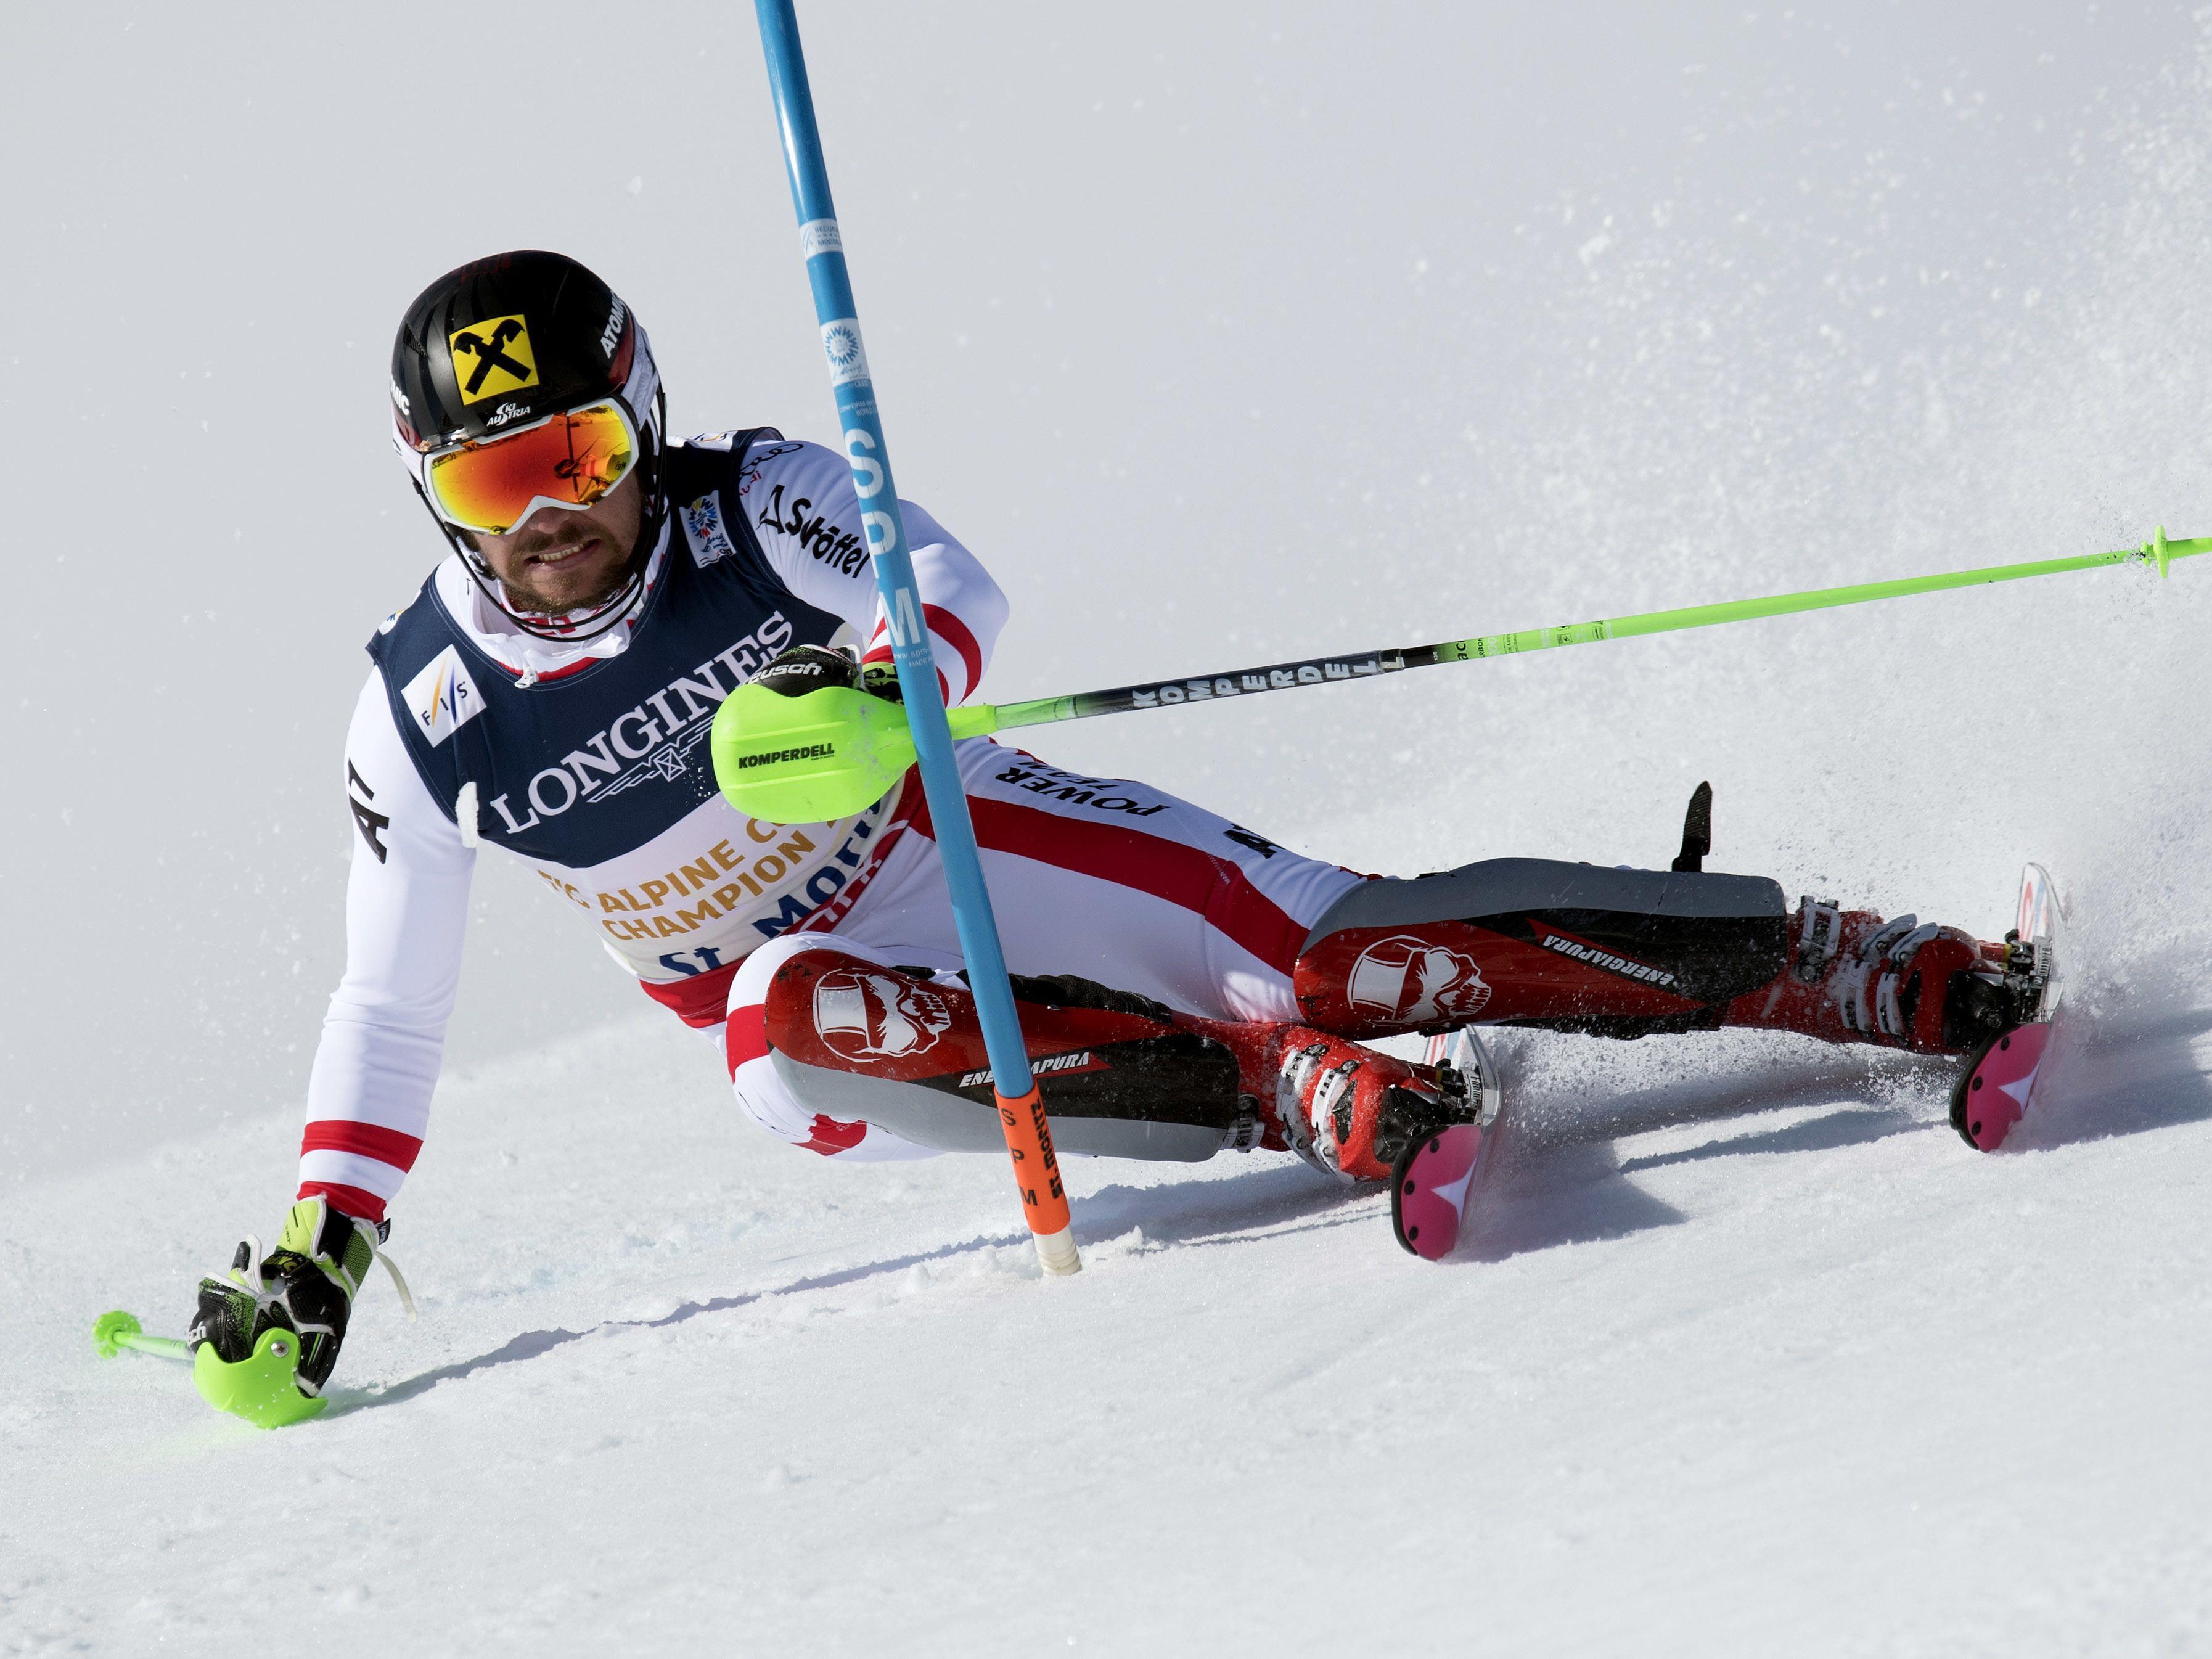 Marcel hirscher auf dem Weg zu Kombinations-Silber - Sensations-Heimsieg durch Schweizer Luca Aerni in St. Moritz.